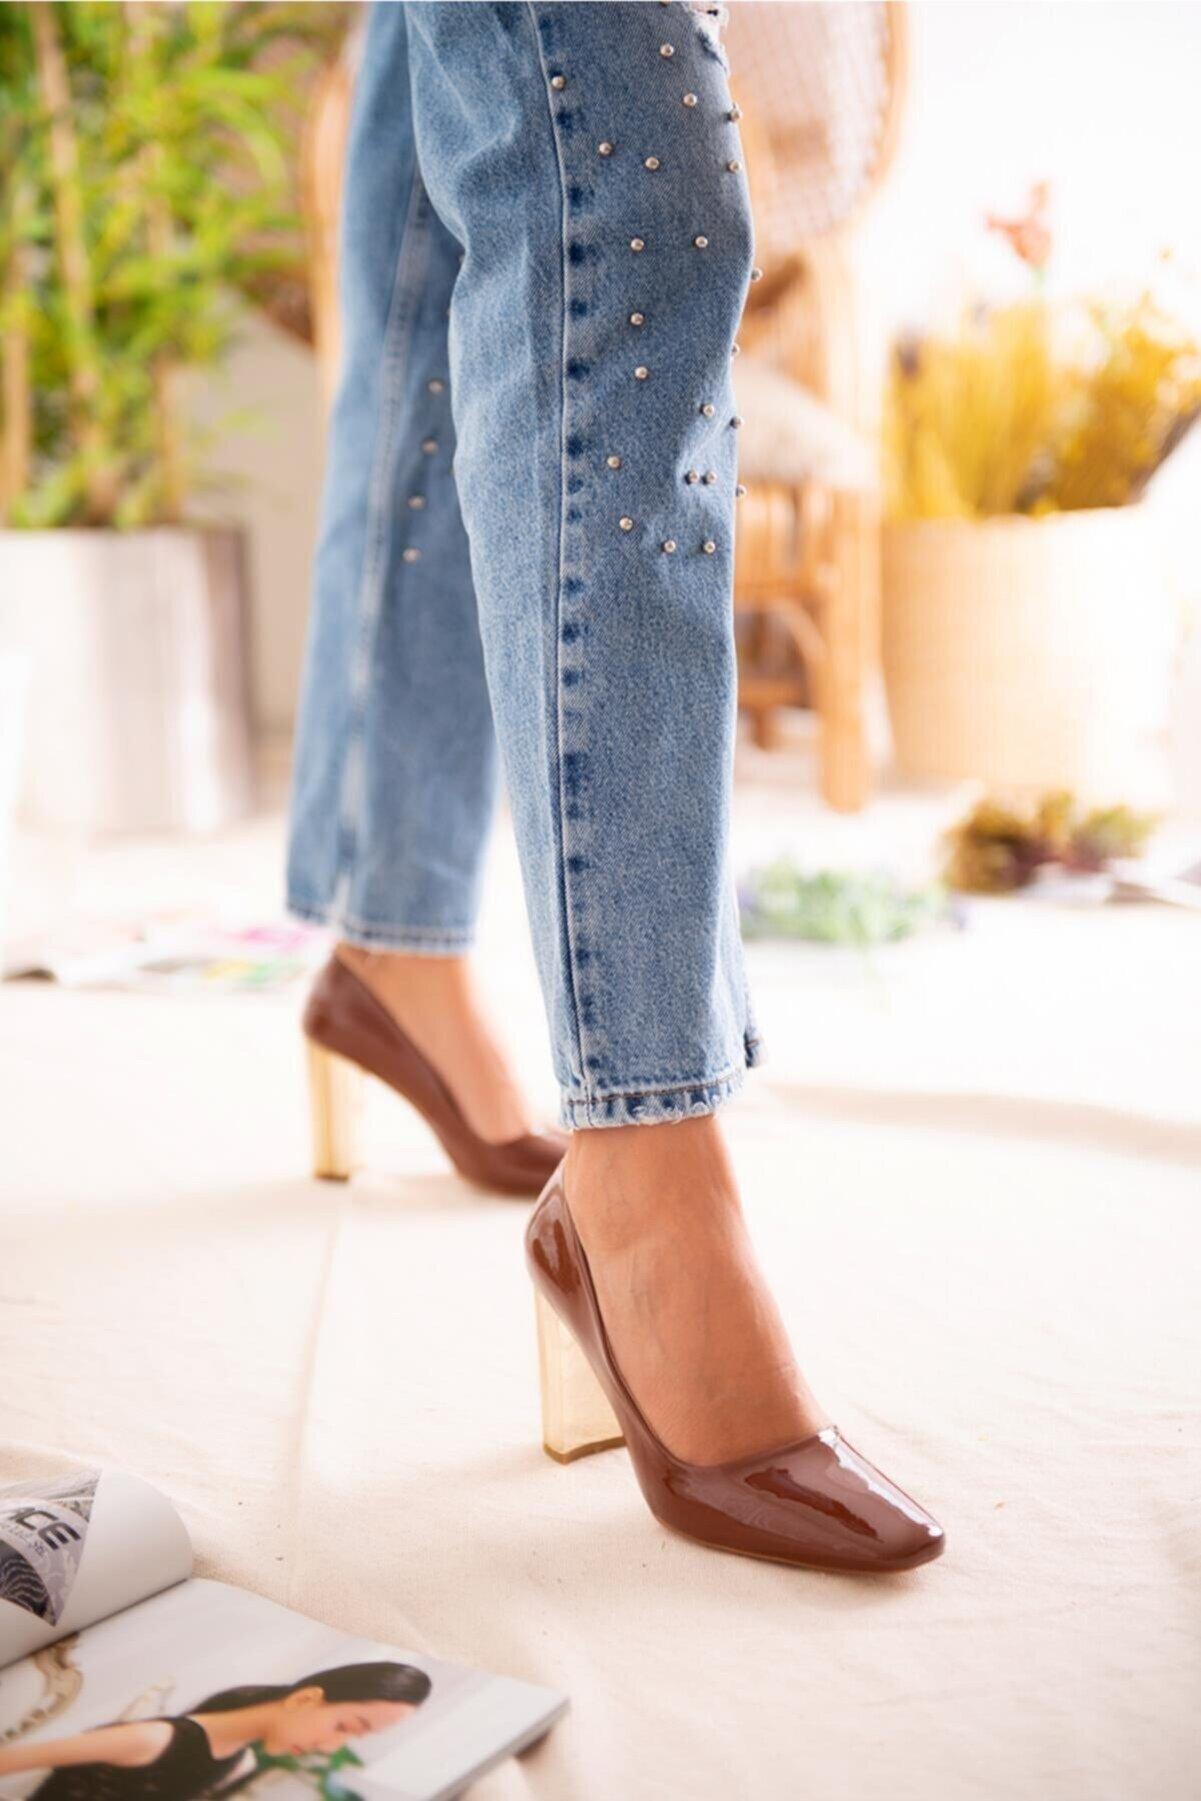 Jilberto Lainey Taba Parlak Rugan Topuk Detaylı Ayakkabı